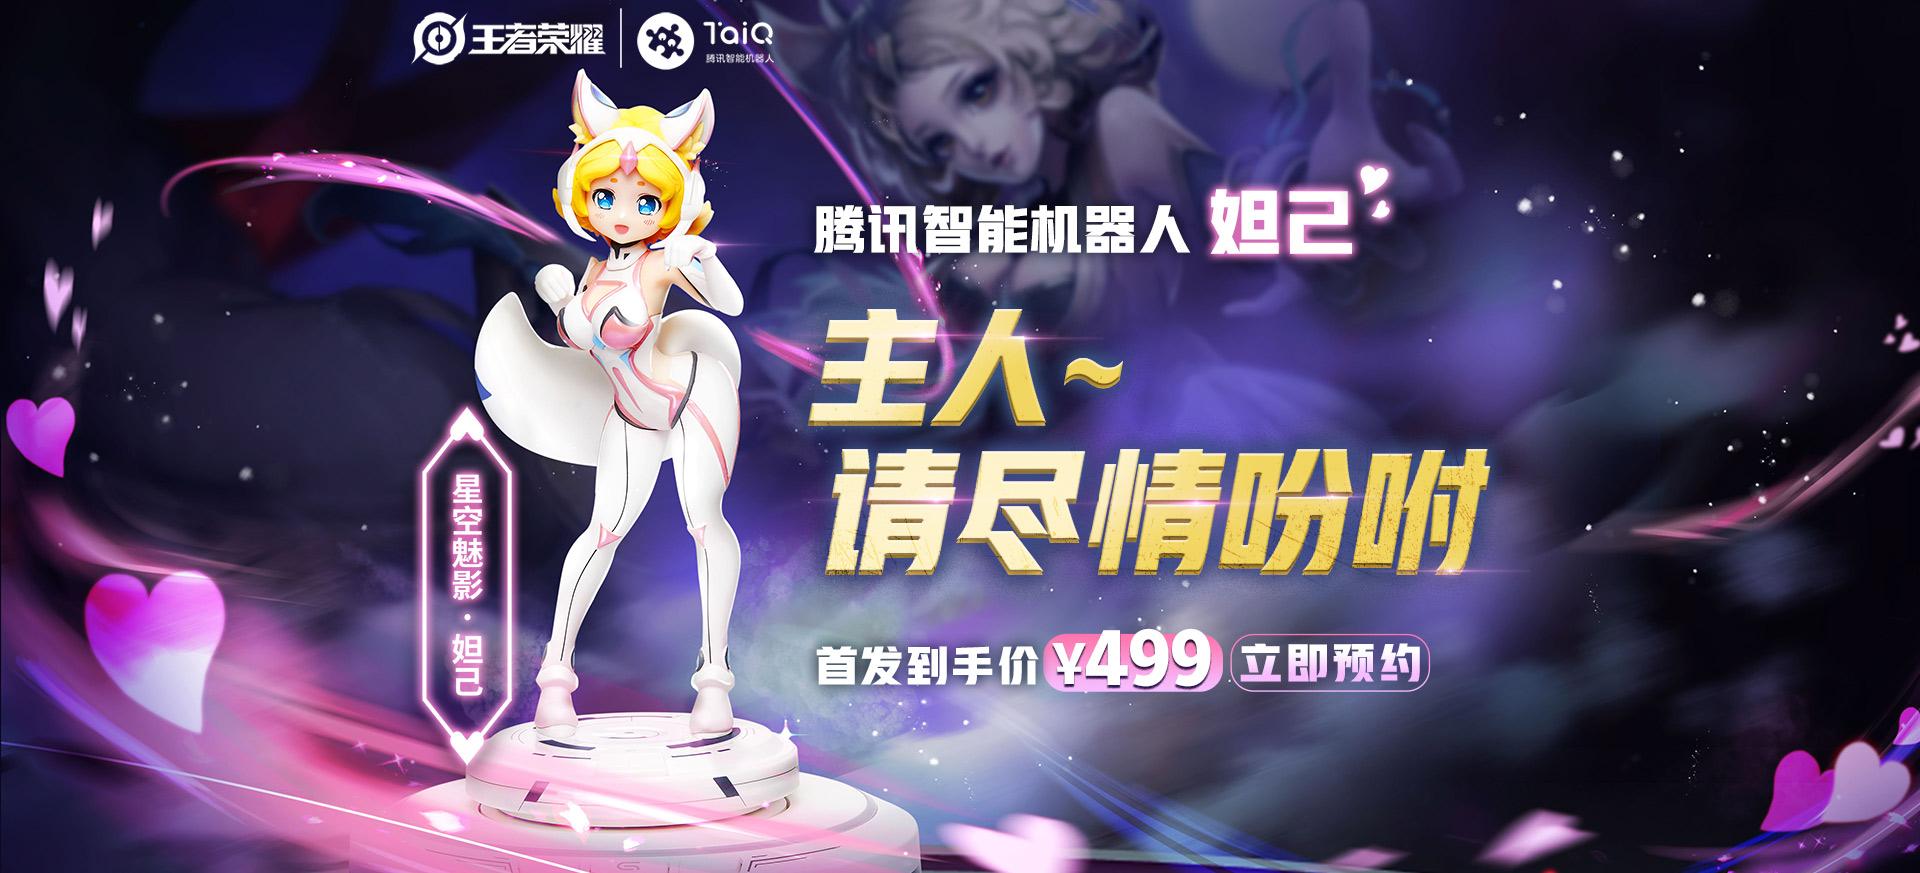 """王者荣耀智能机器人""""星空魅影""""妲己正式上线并开启预售 预售价499元"""